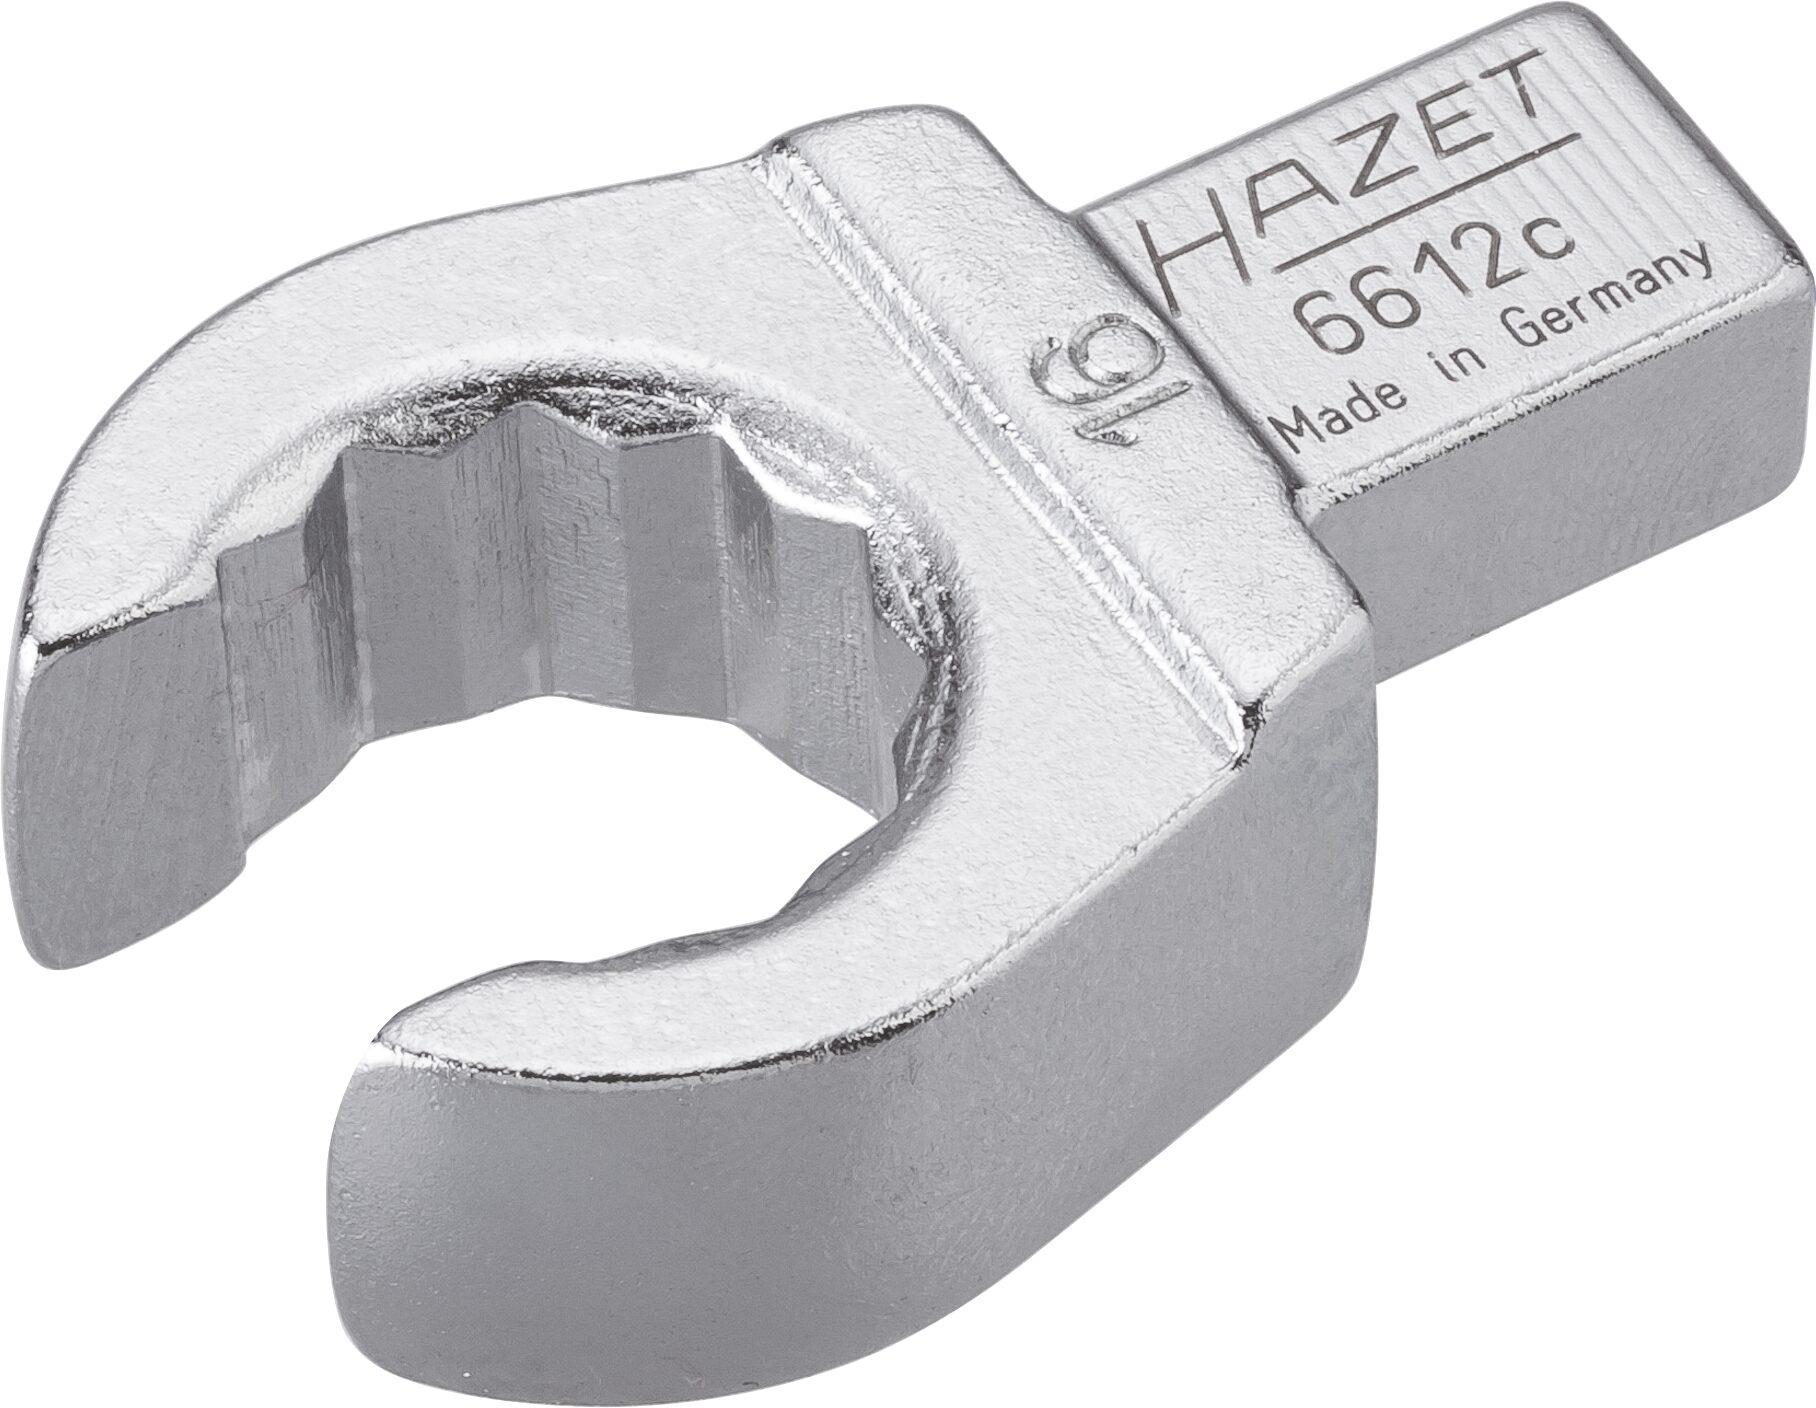 HAZET Einsteck-Ringschlüssel ∙ offen 6612C-16 ∙ Einsteck-Vierkant 9 x 12 mm ∙ Außen-Doppel-Sechskant Profil ∙ 16 mm